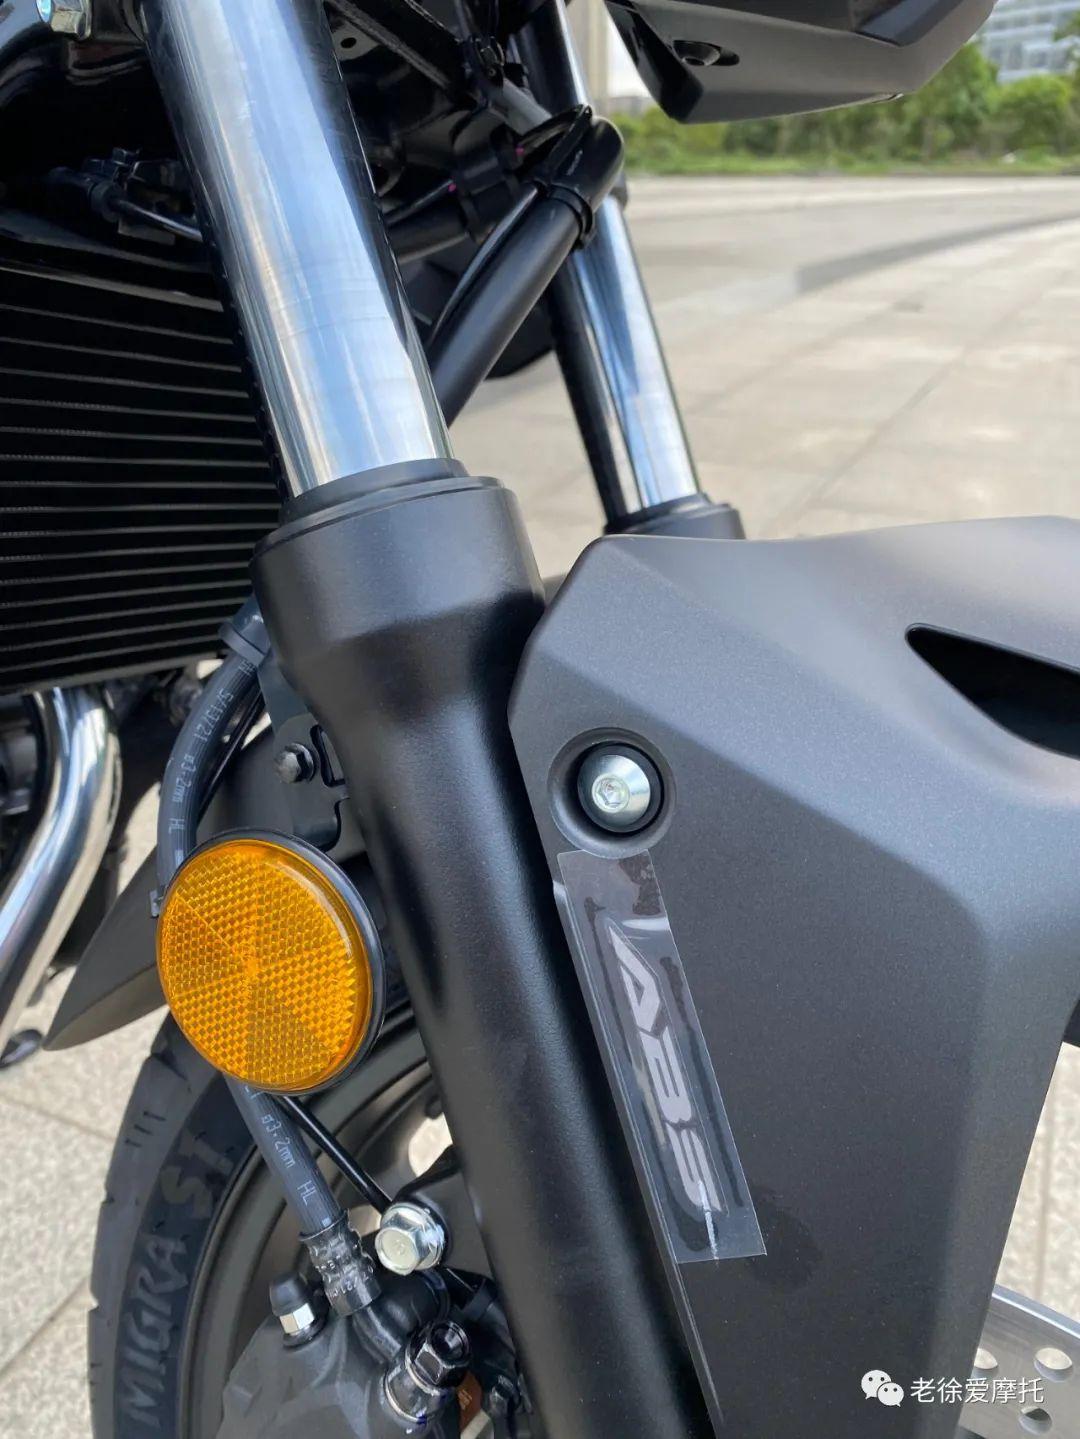 本田中排车型 - CB400F 入门级街车 实车介绍!-第23张图片-春风行摩托车之家